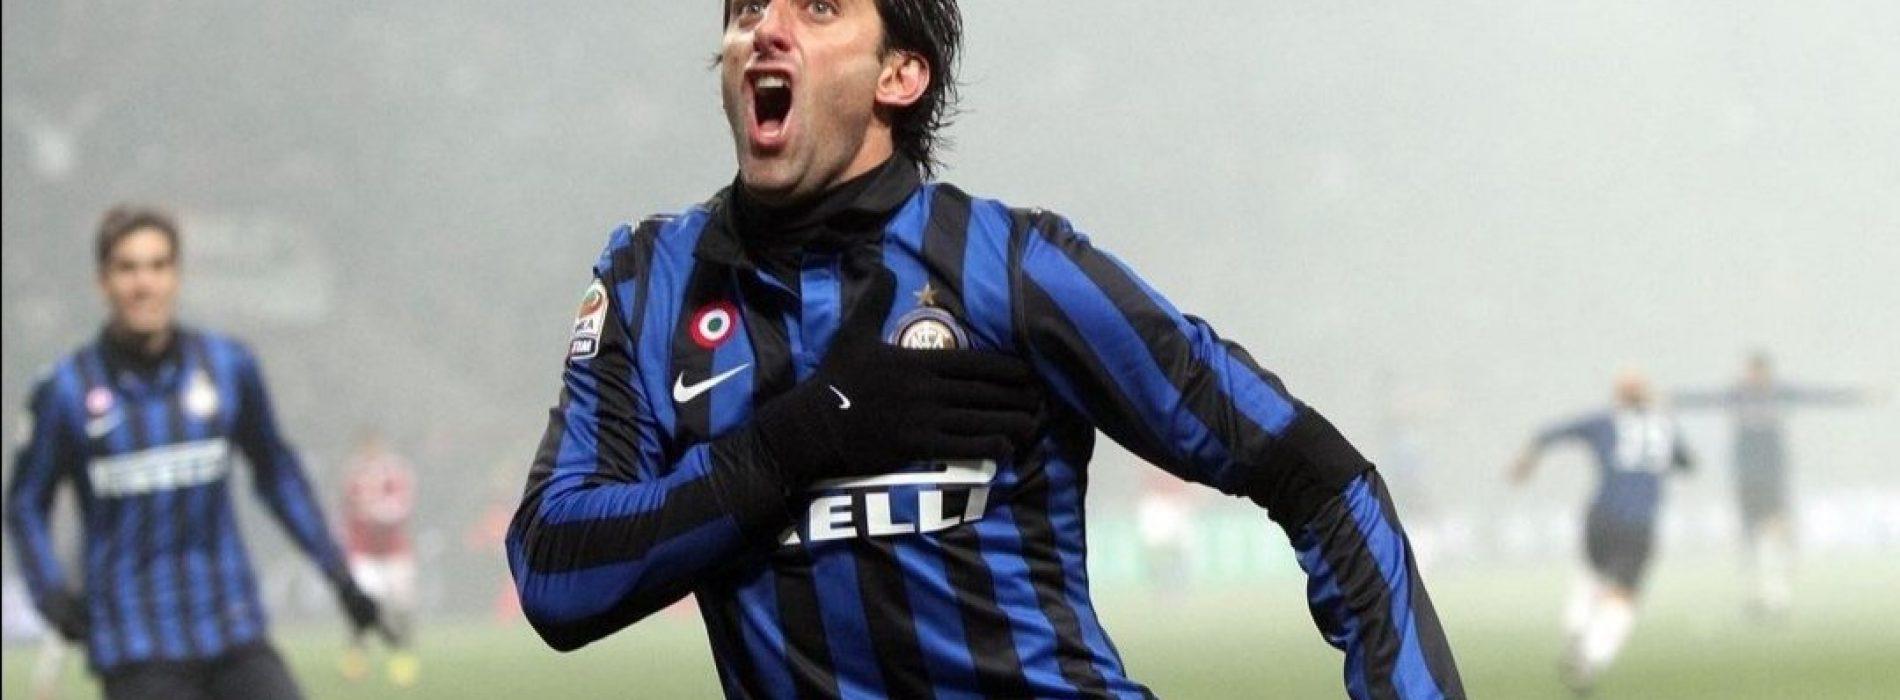 """Milito avverte l' Inter: """"Juve grande squadra che impara dalle sconfitte"""""""